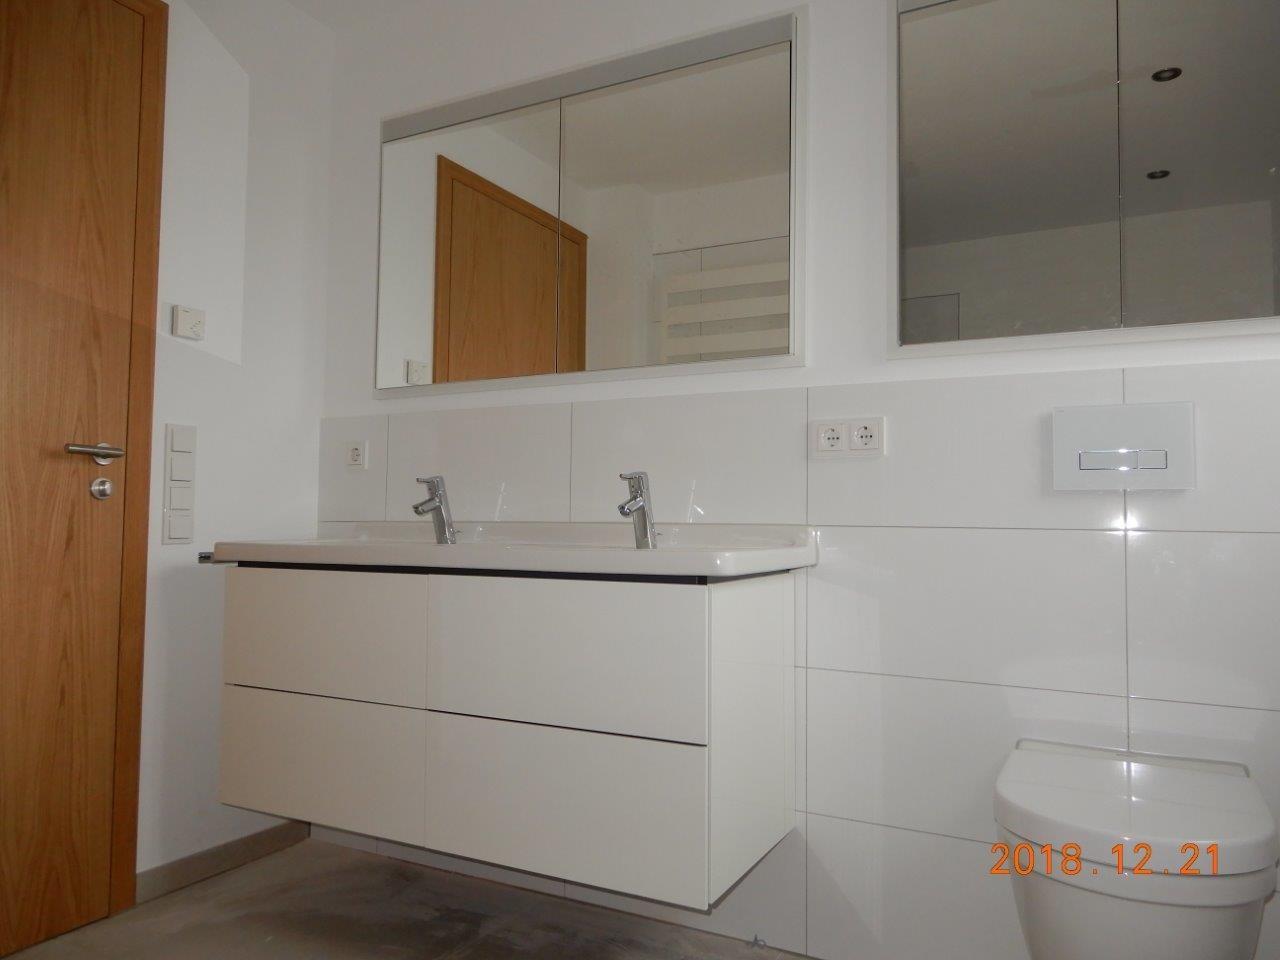 hochwertiges modernes Bad mit beleuteten Einbauspiegeln